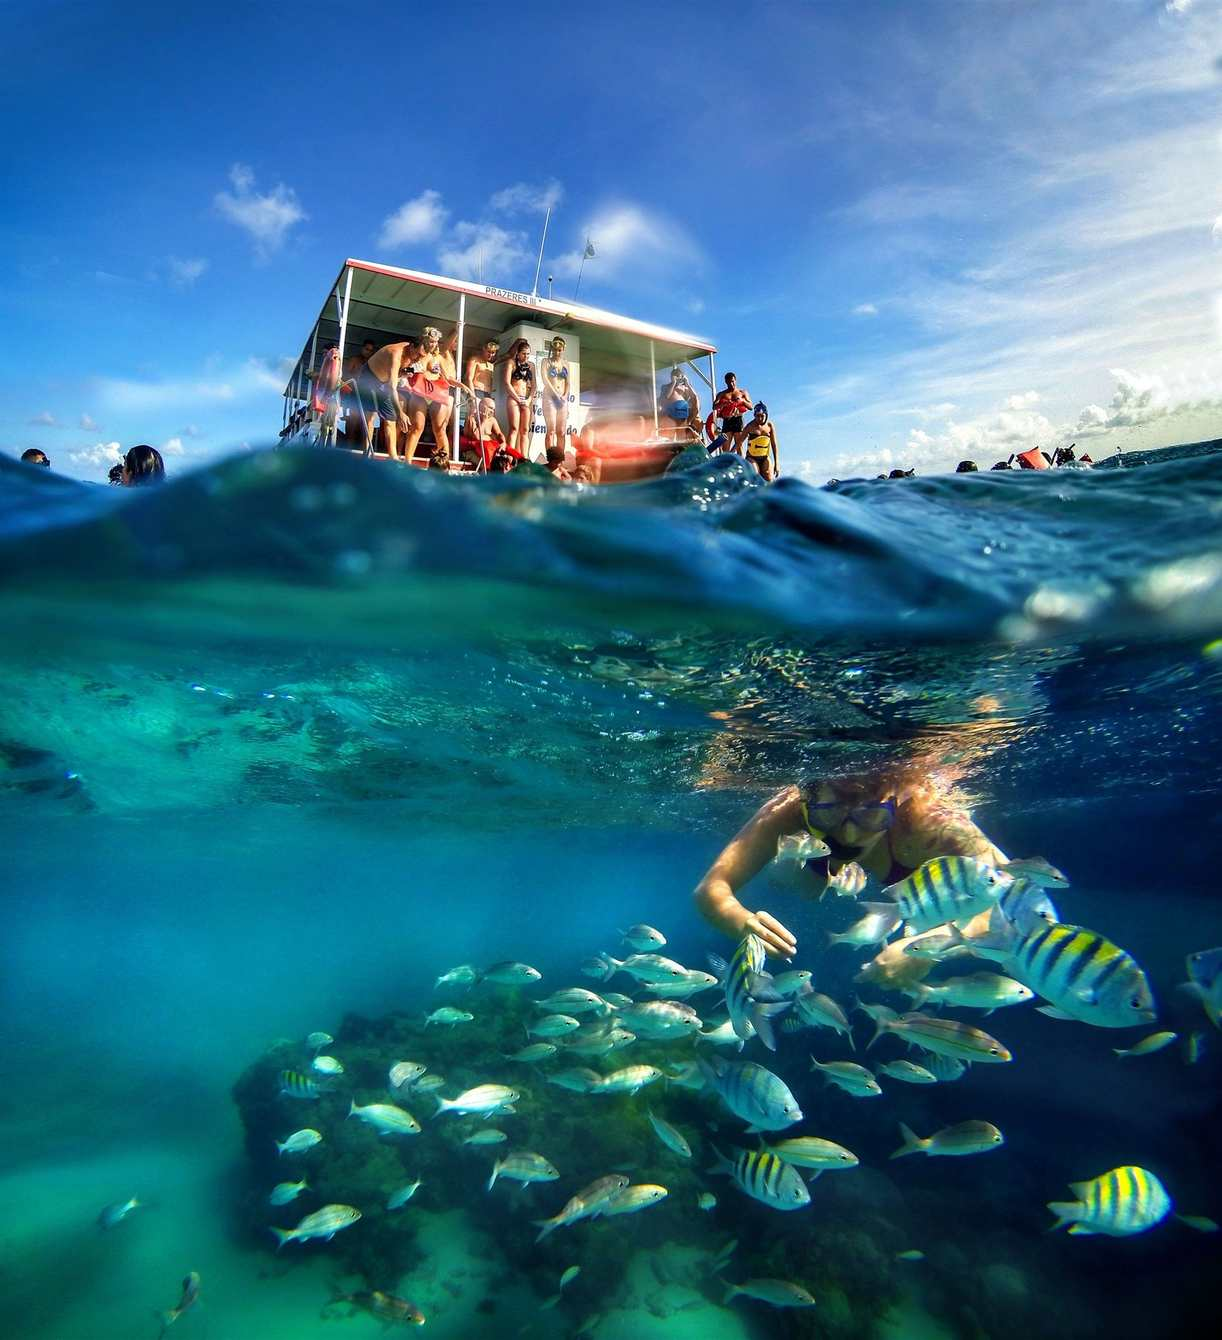 Maracajaú: piscinas em alto mar, no litoral do Rio Grande do Norte